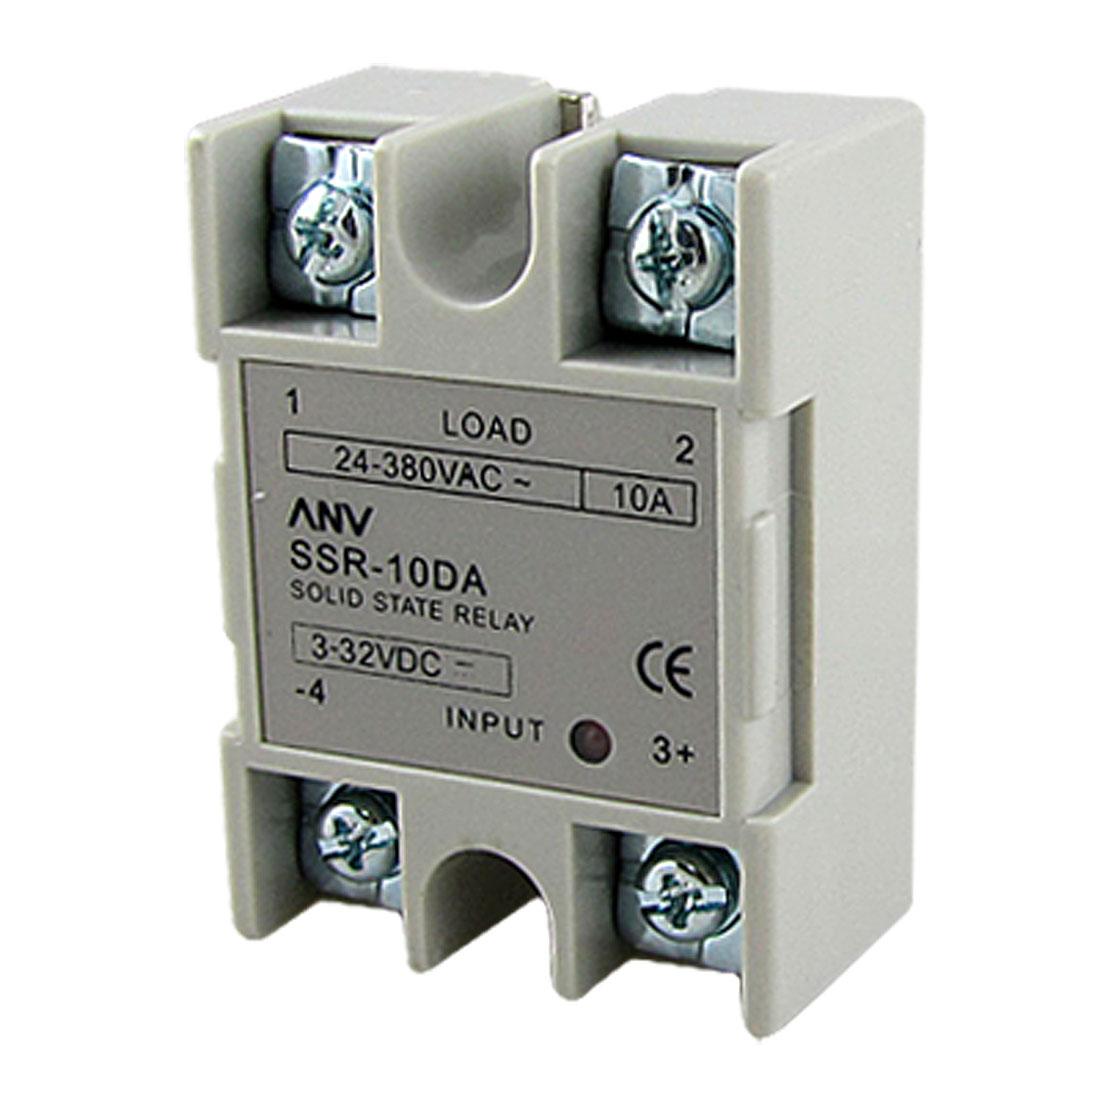 SSR-10DA 3-32V DC Input 24-380V AC Output 10A Solid State Relay